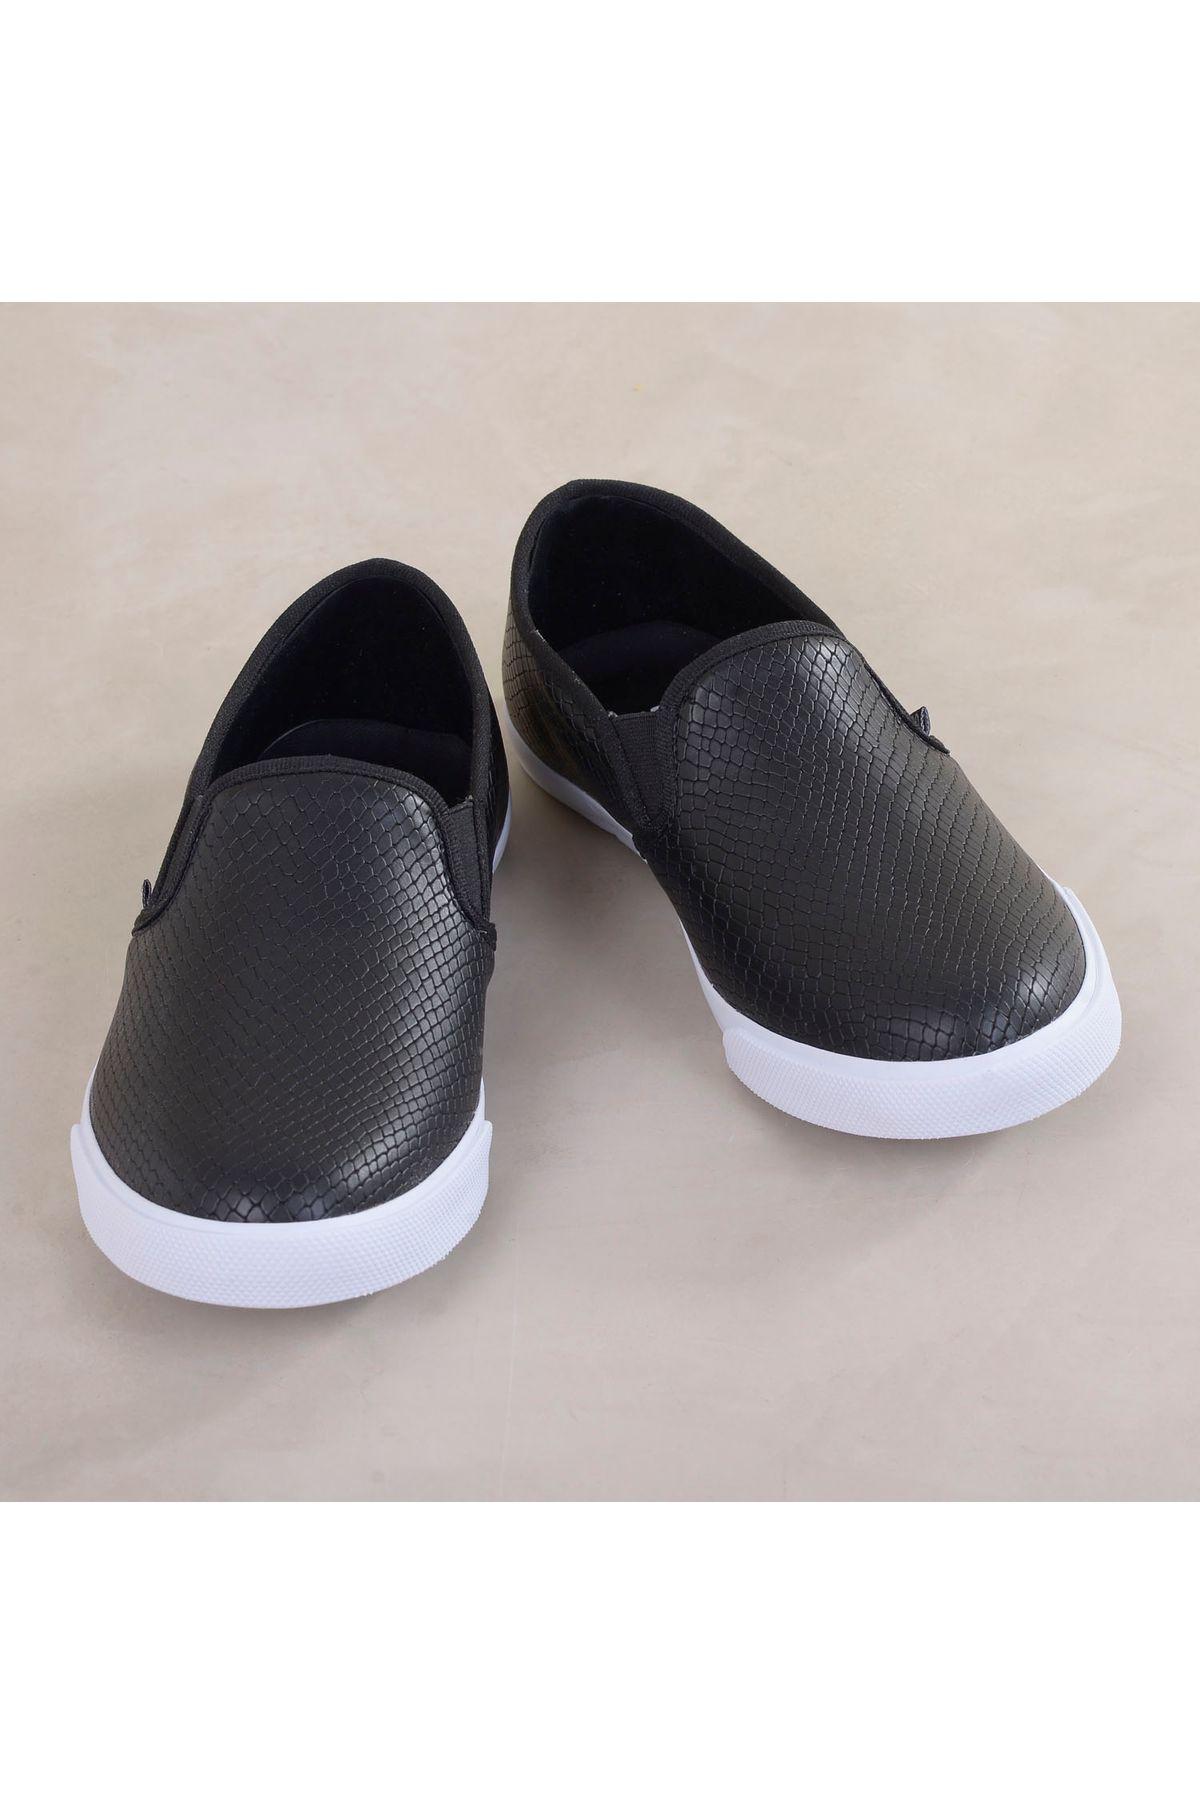 6a1a85a87 Tênis Colcci Ana   Mundial Calçados - Mundial Calçados